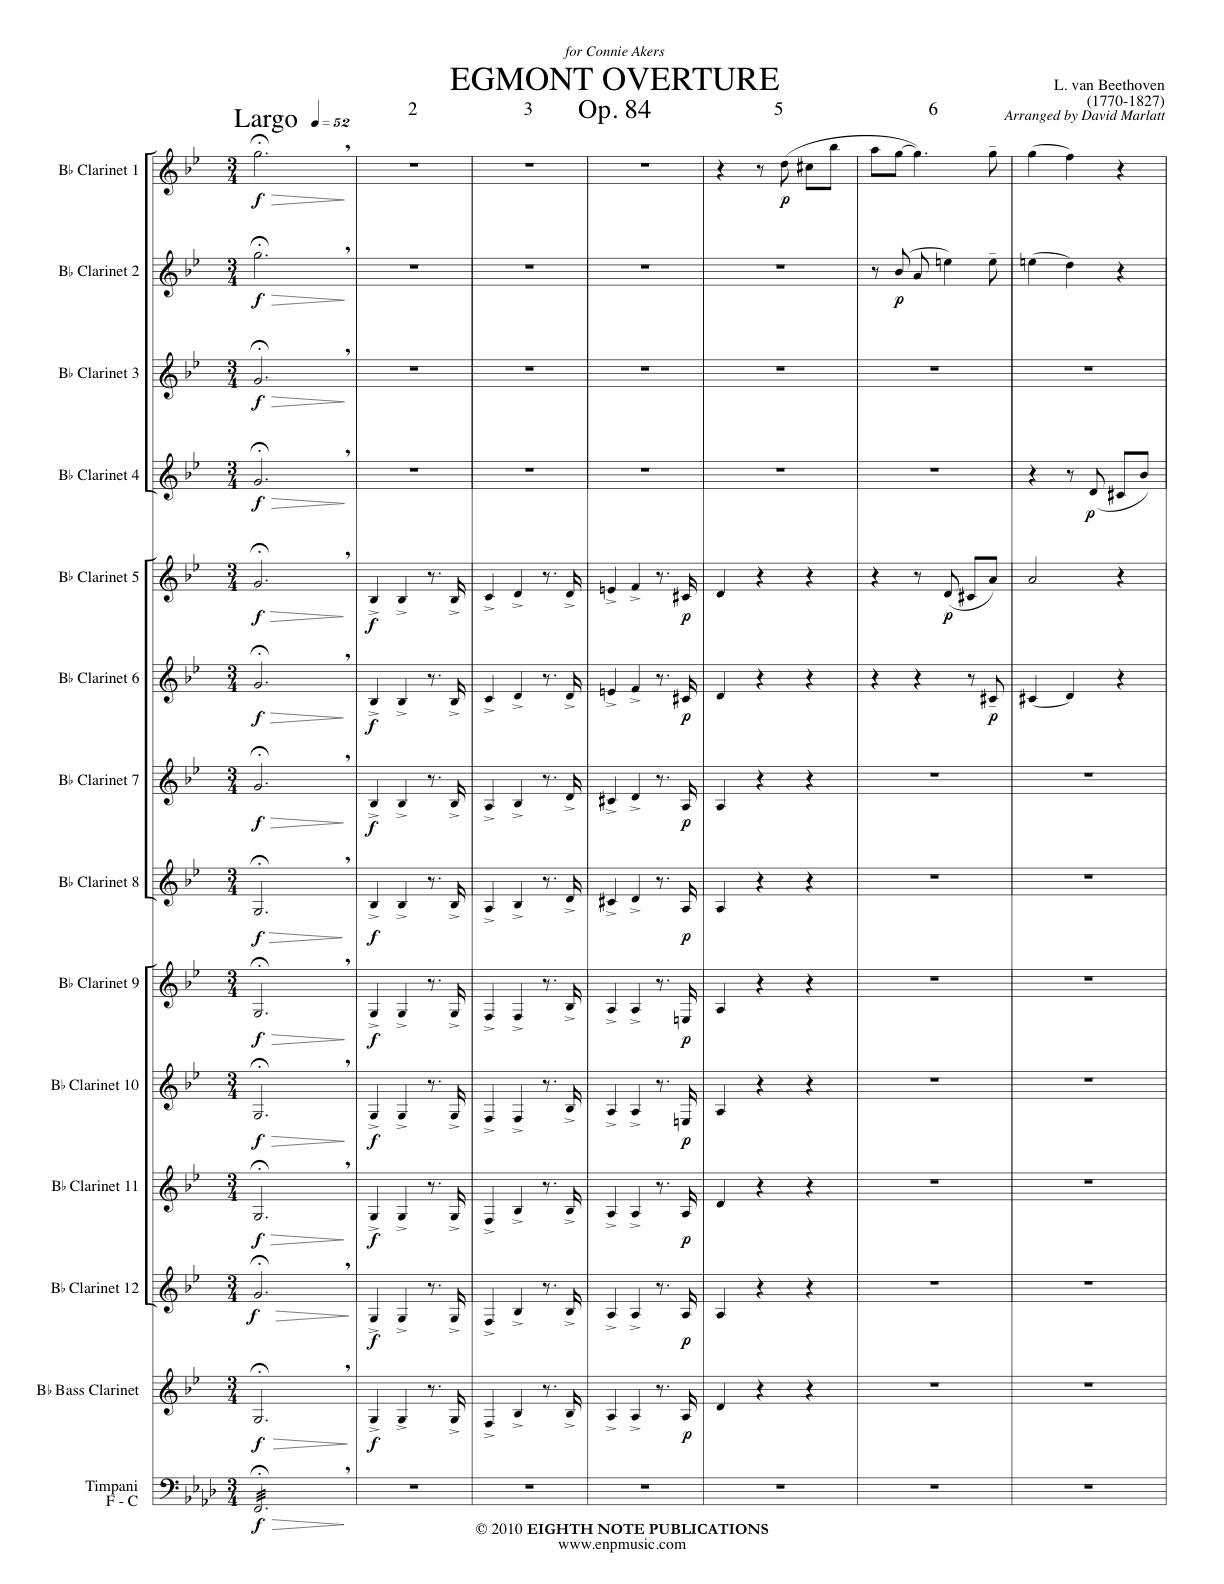 Egmont Overture - Ludwig van Beethoven